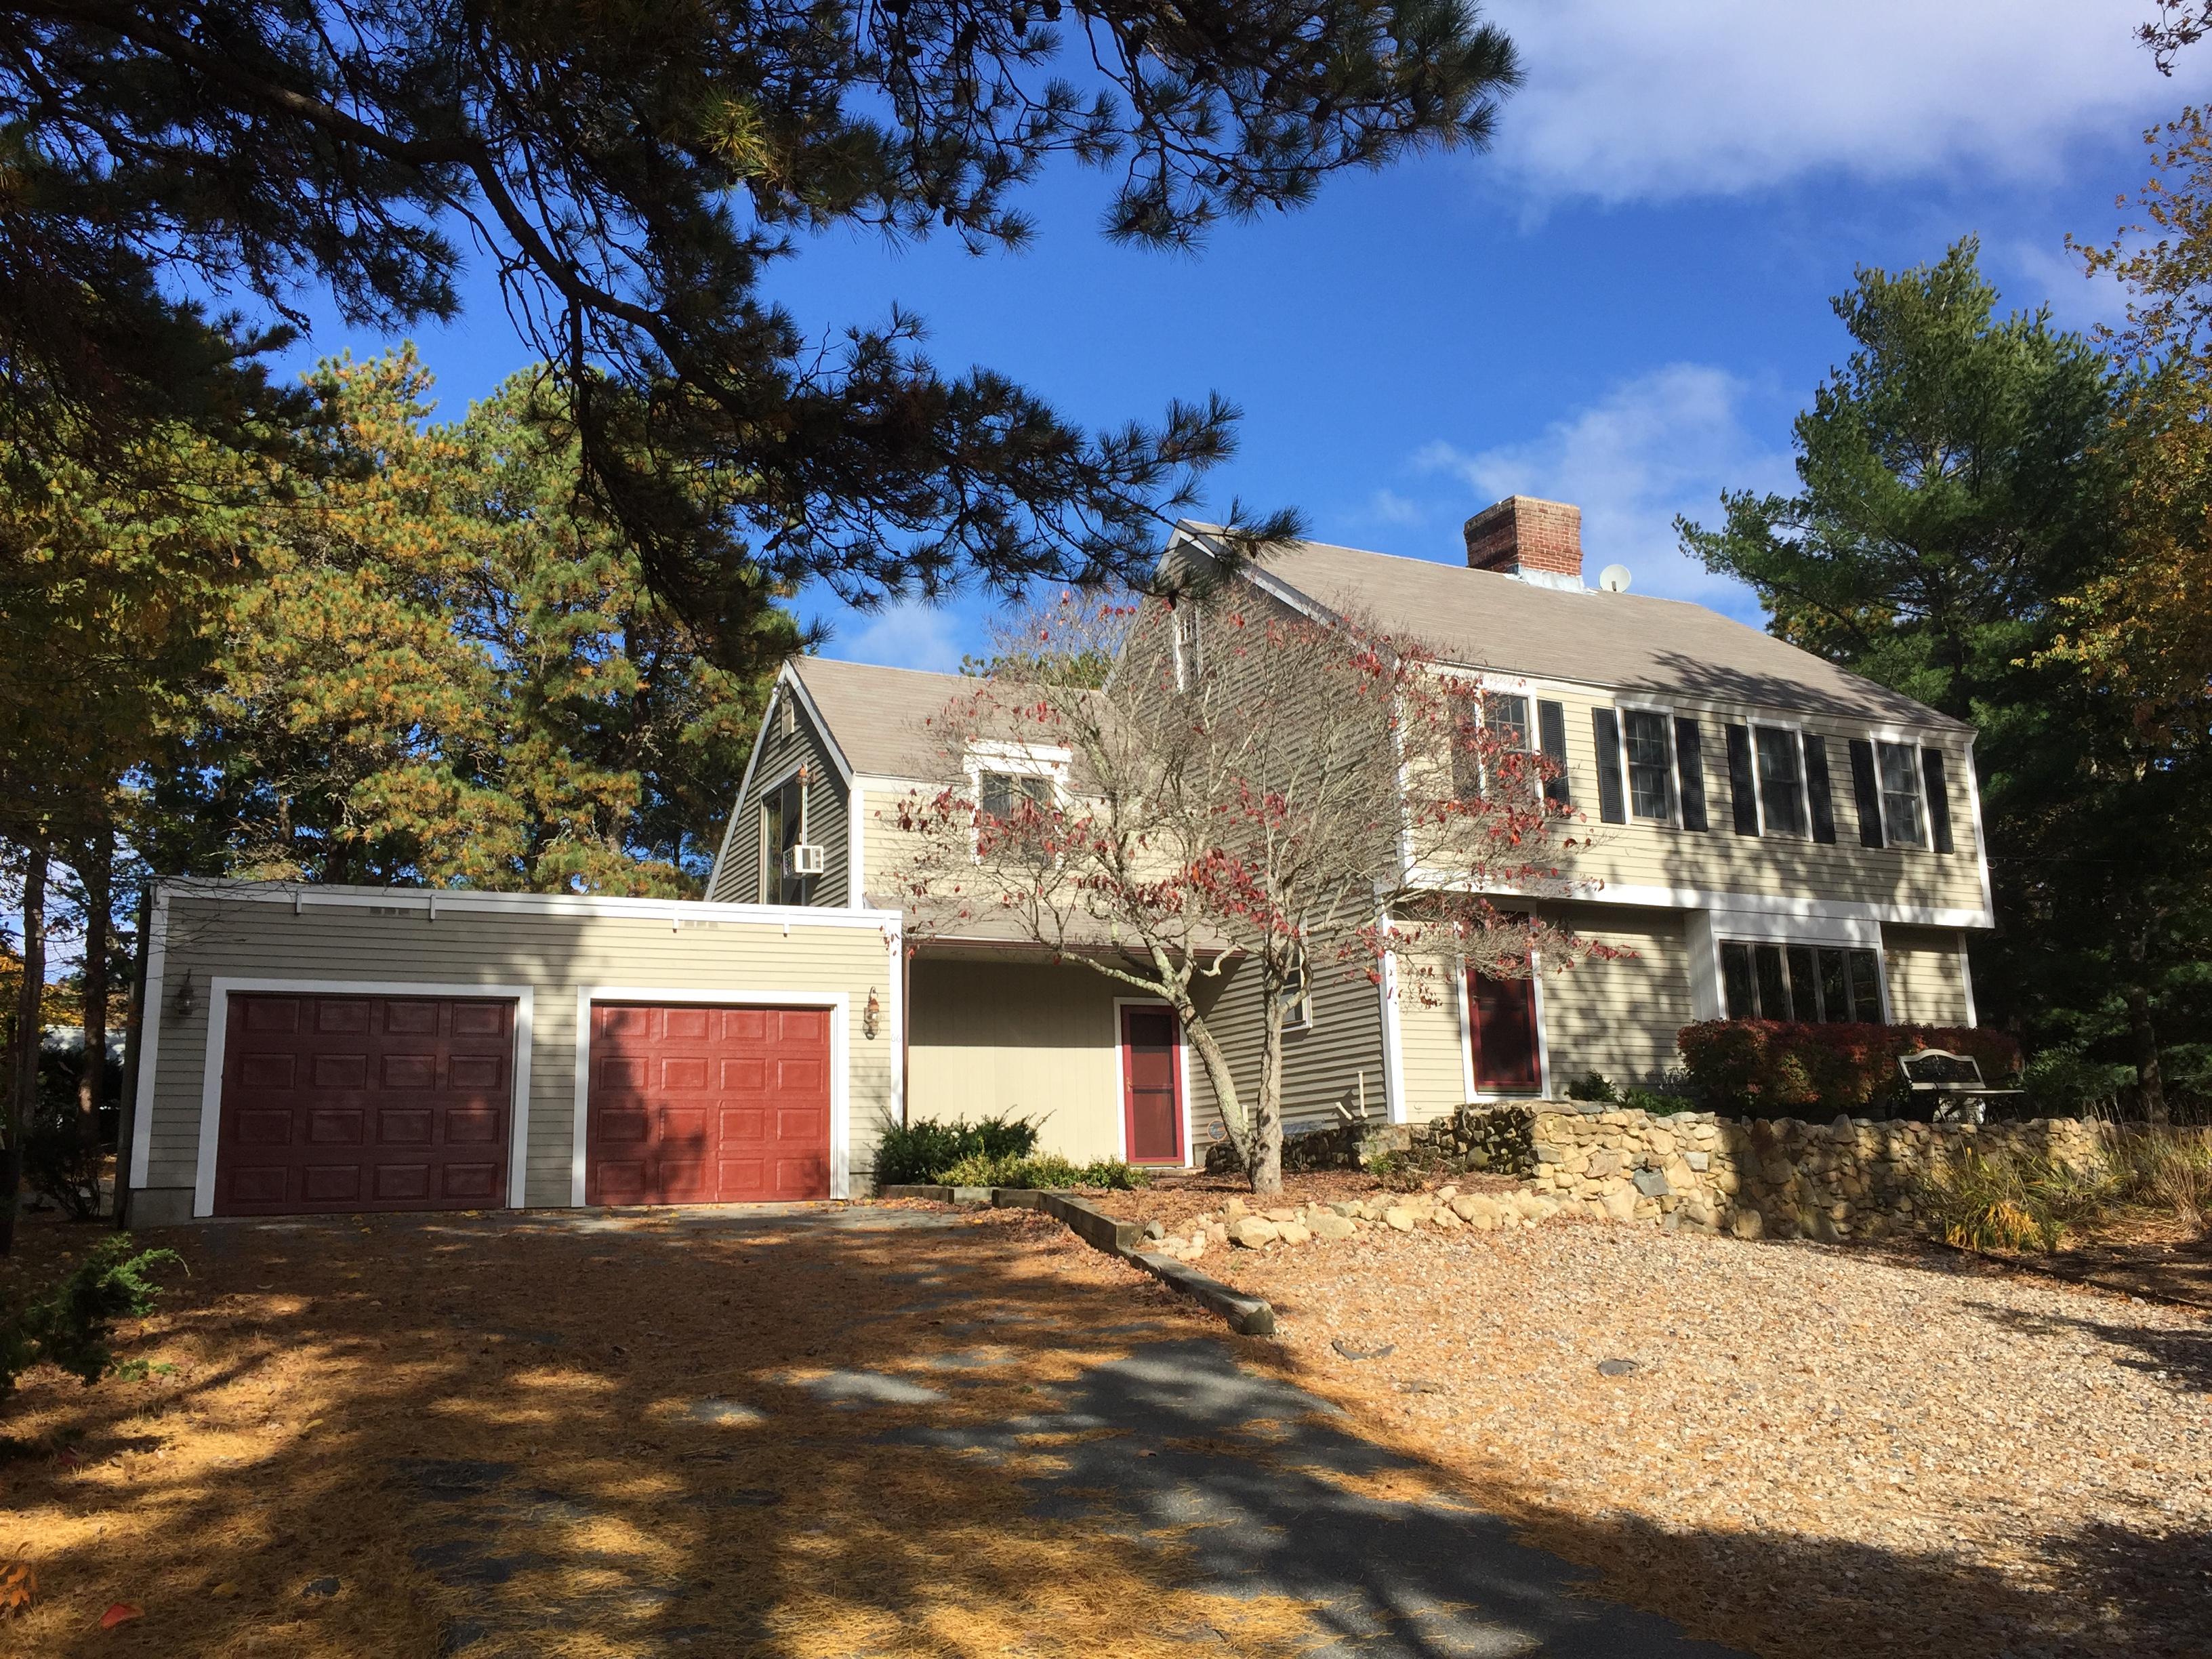 Частный односемейный дом для того Продажа на East Dennis Destination 66 Carol Drive Dennis, Массачусетс, 02641 Соединенные Штаты